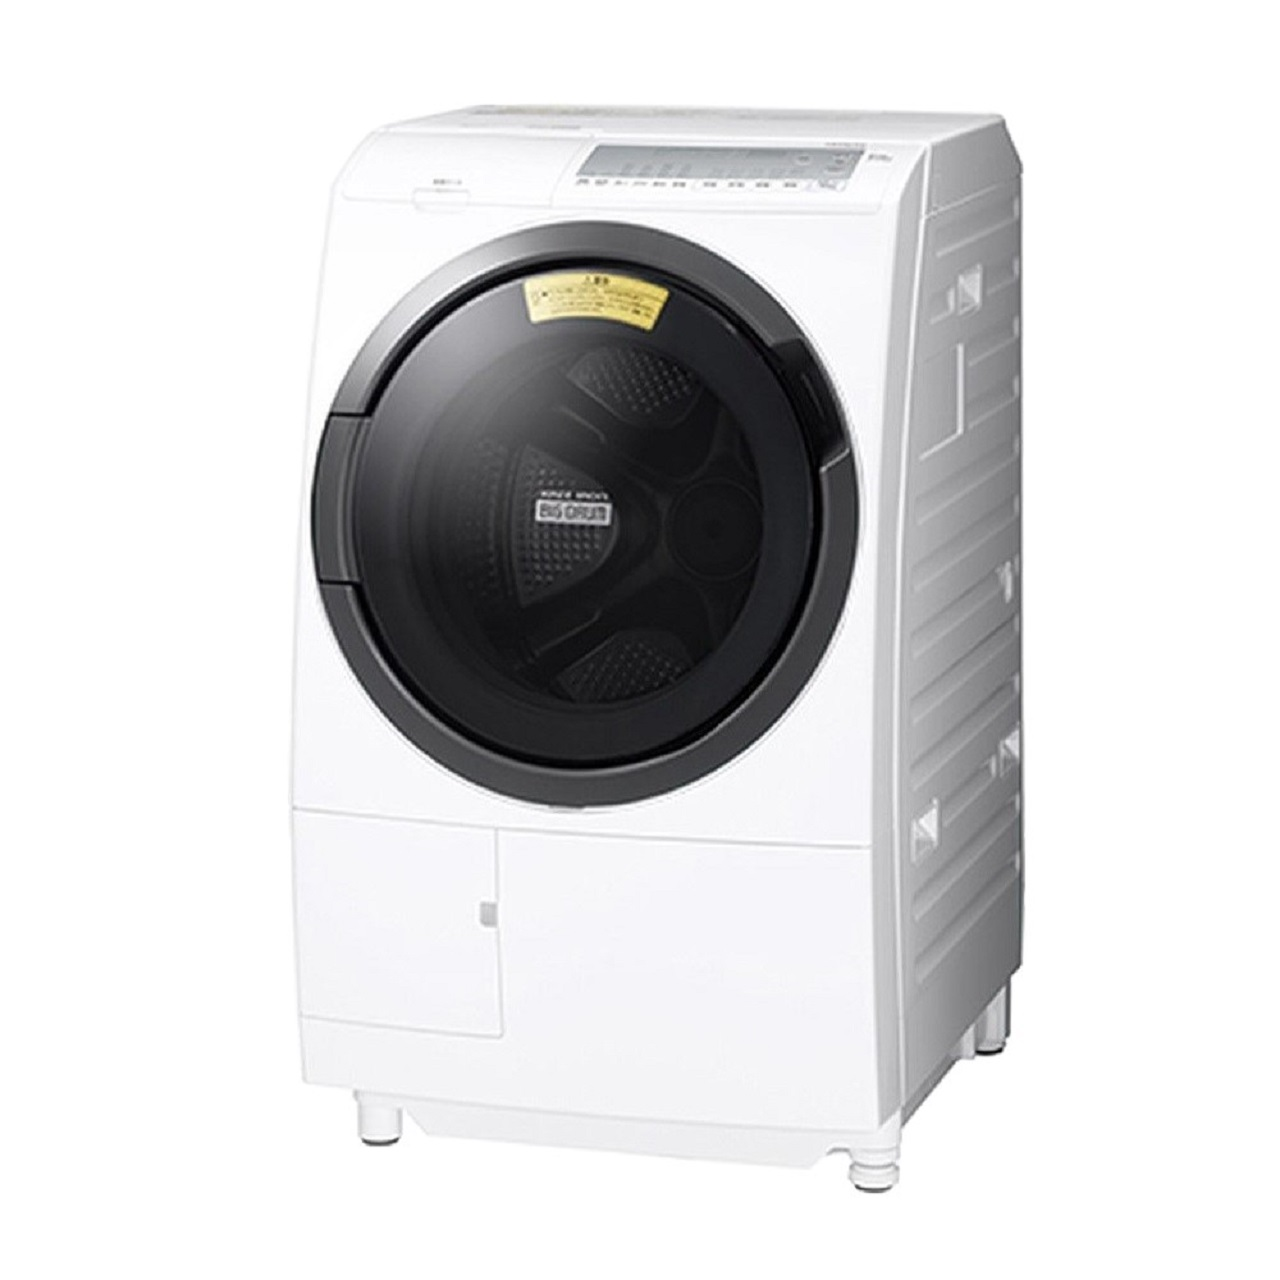 日立ビッグドラムBD-SG100FLドラム式洗濯乾燥機